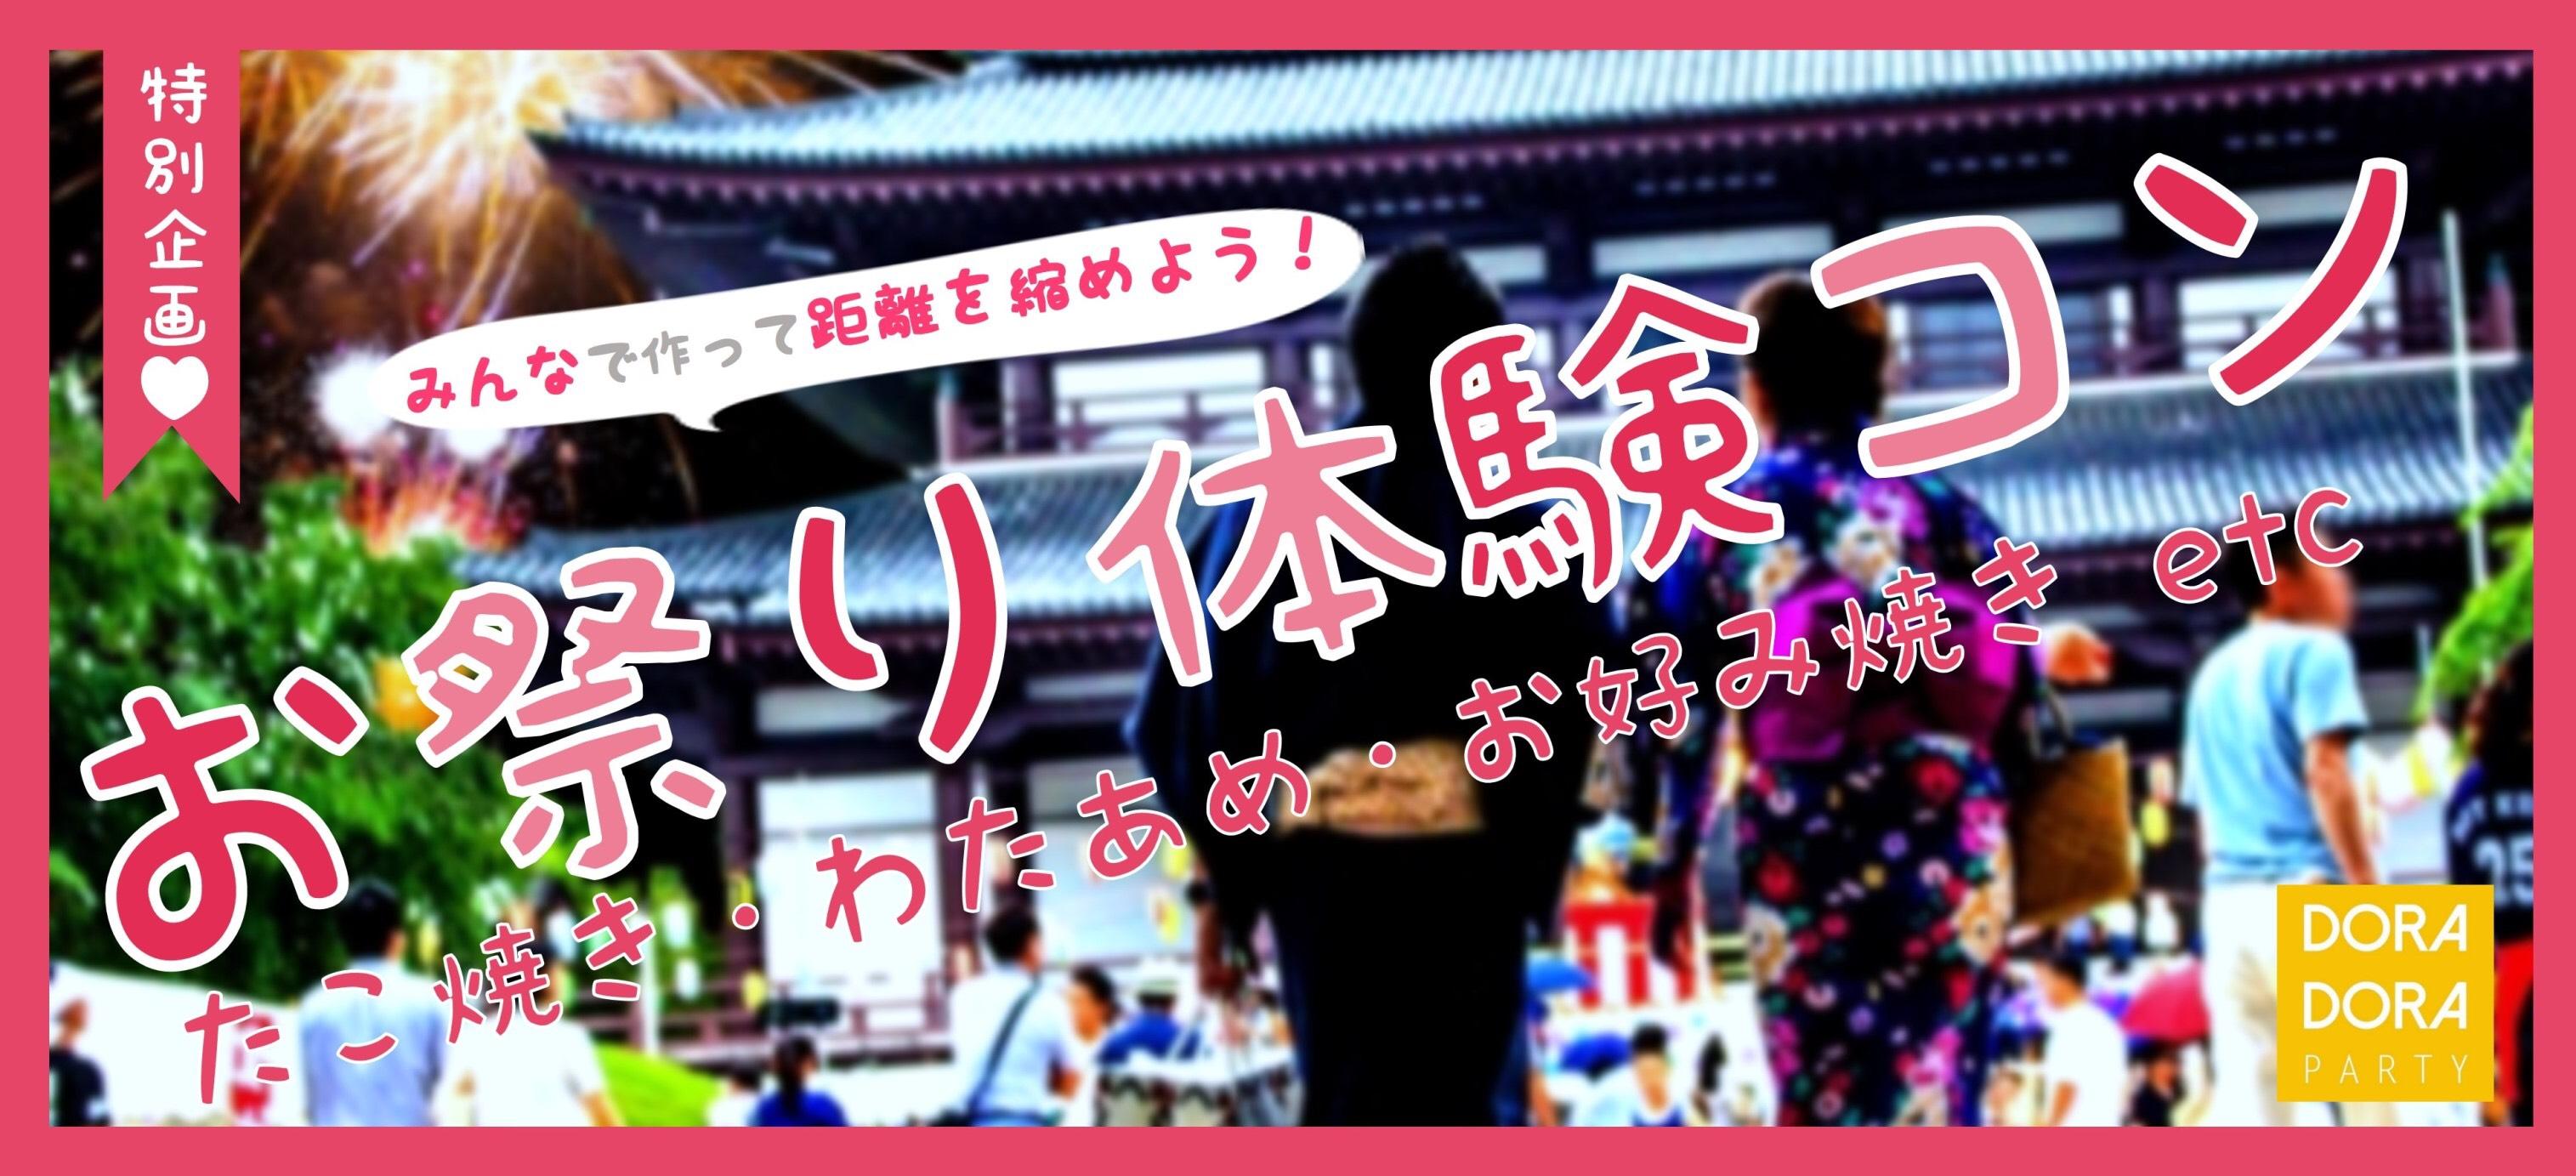 9/28 話題のゆる恋活☆ 20代限定!共同作業で話題に困らない若者に大人気の出会える屋台フード料理コン